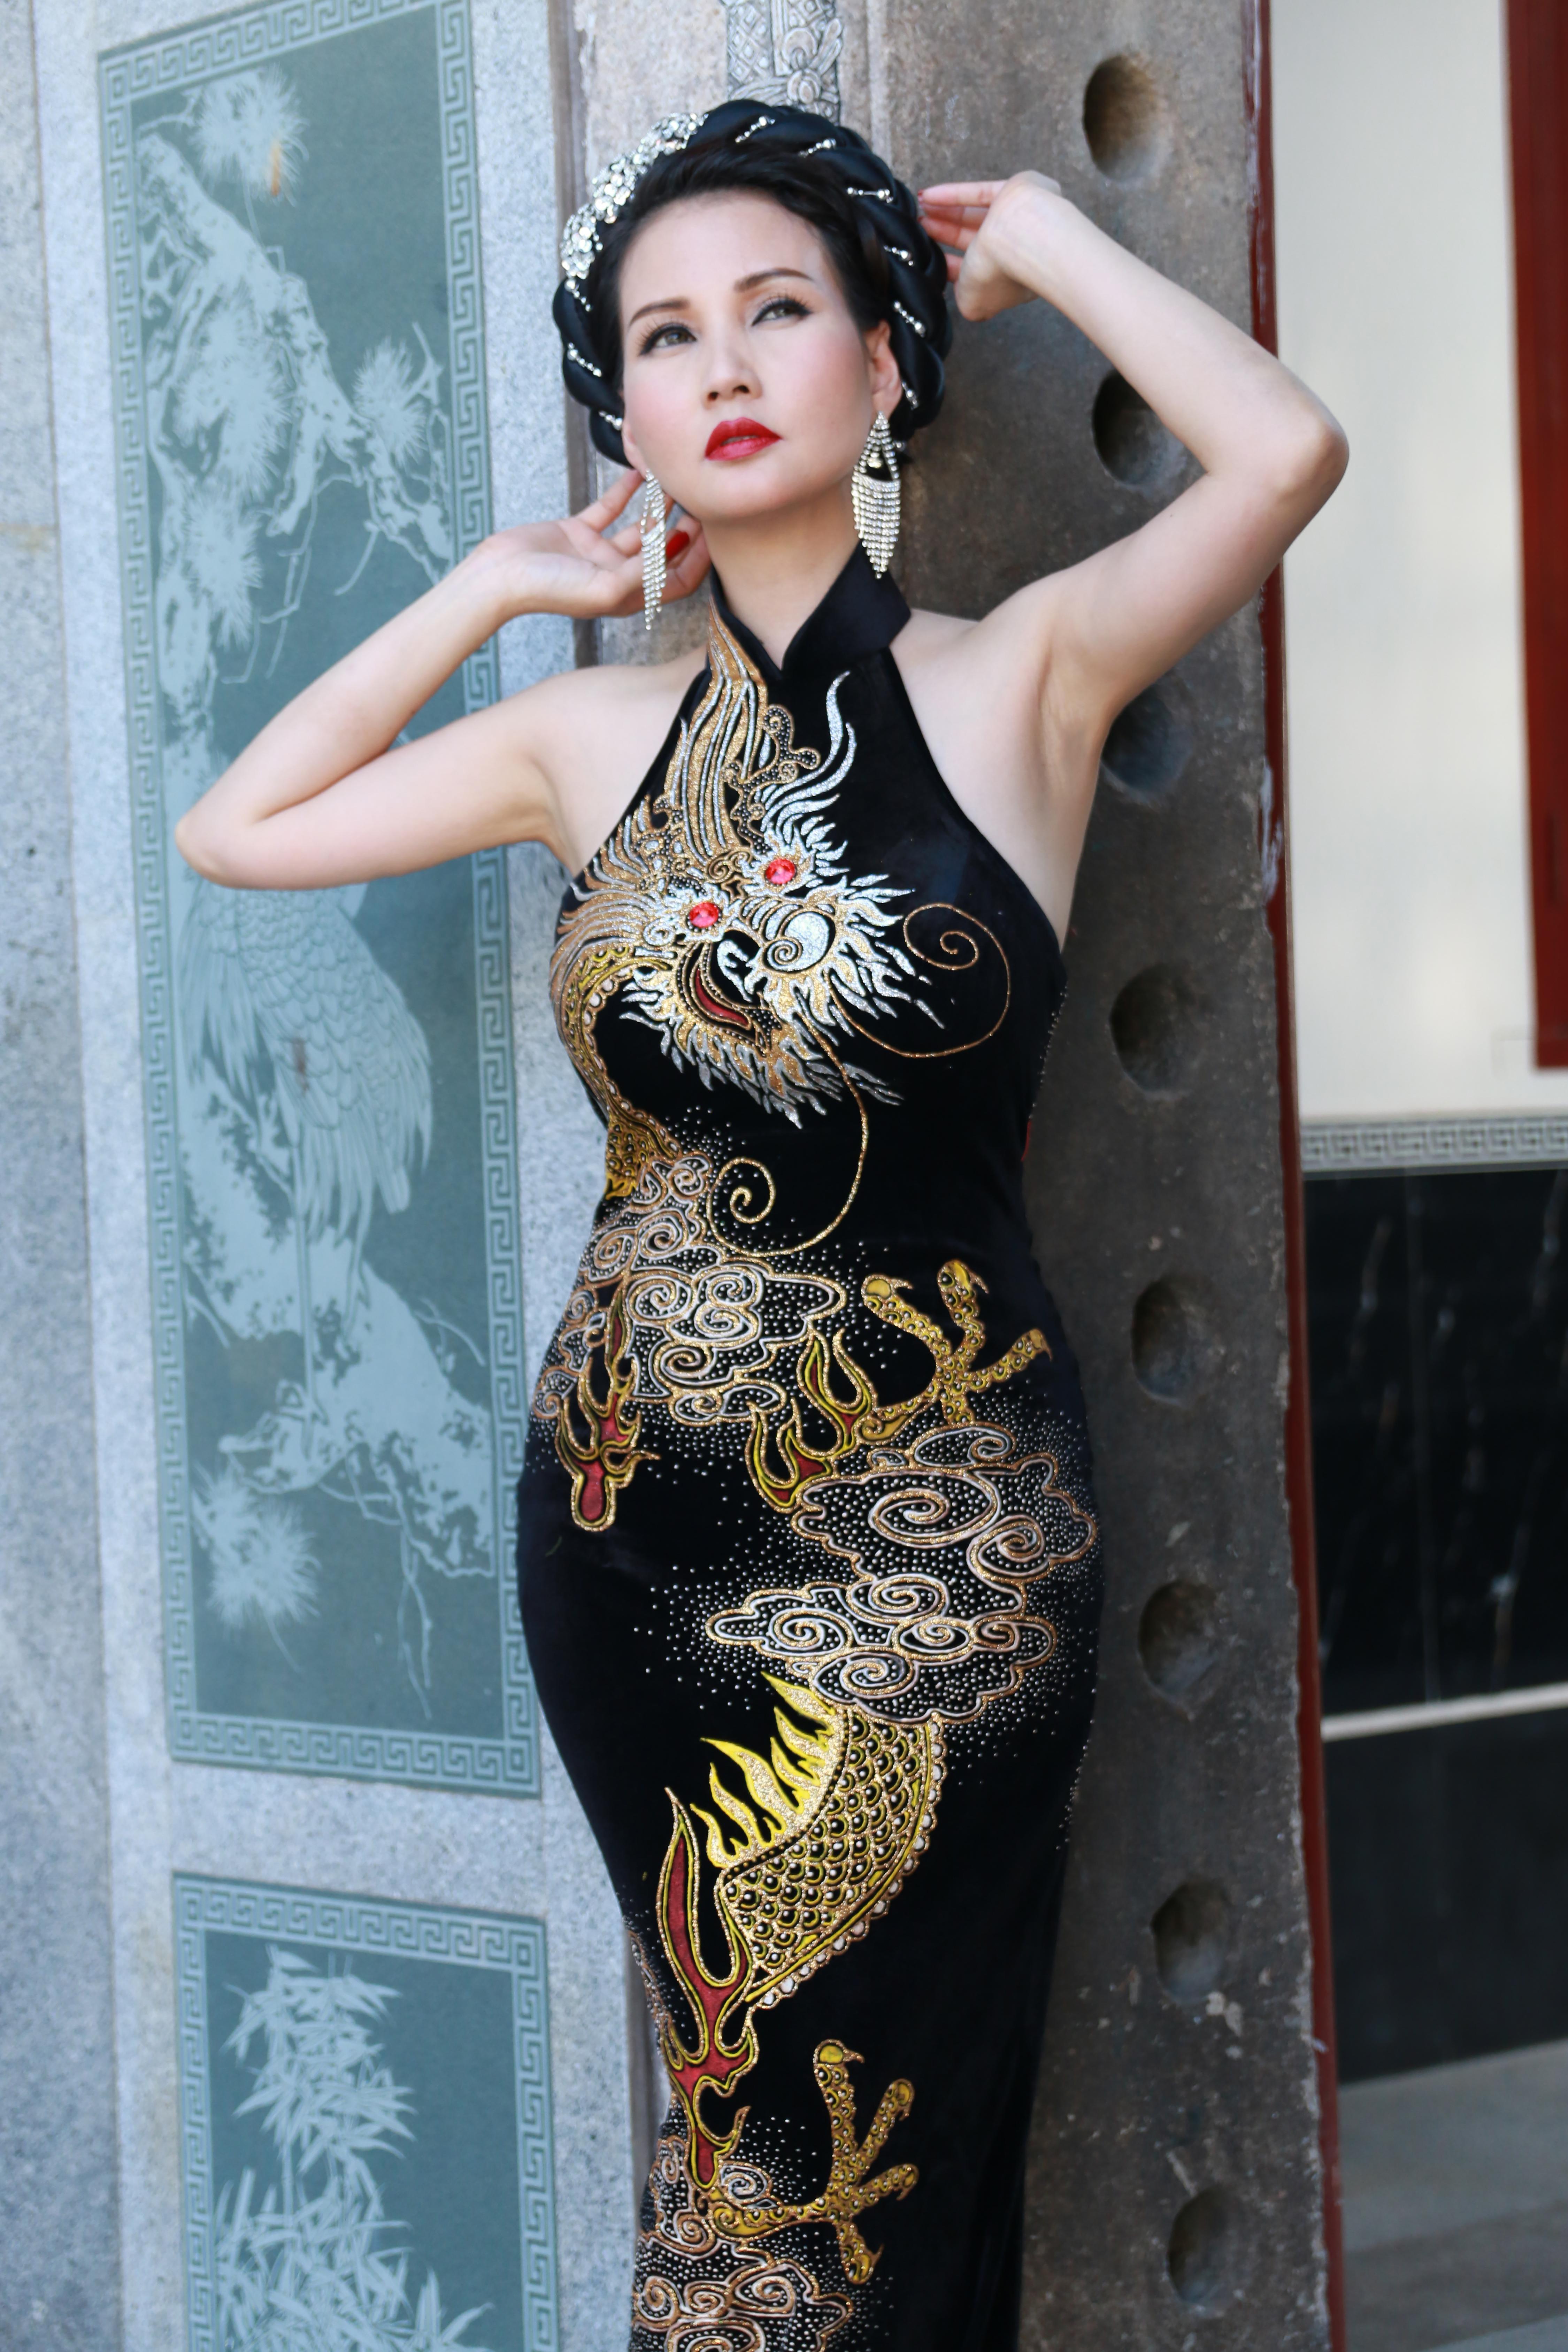 Hoa hậu Quý bà Sương Đặng gợi cảm với váy dạ hội họa tiết rồng 3